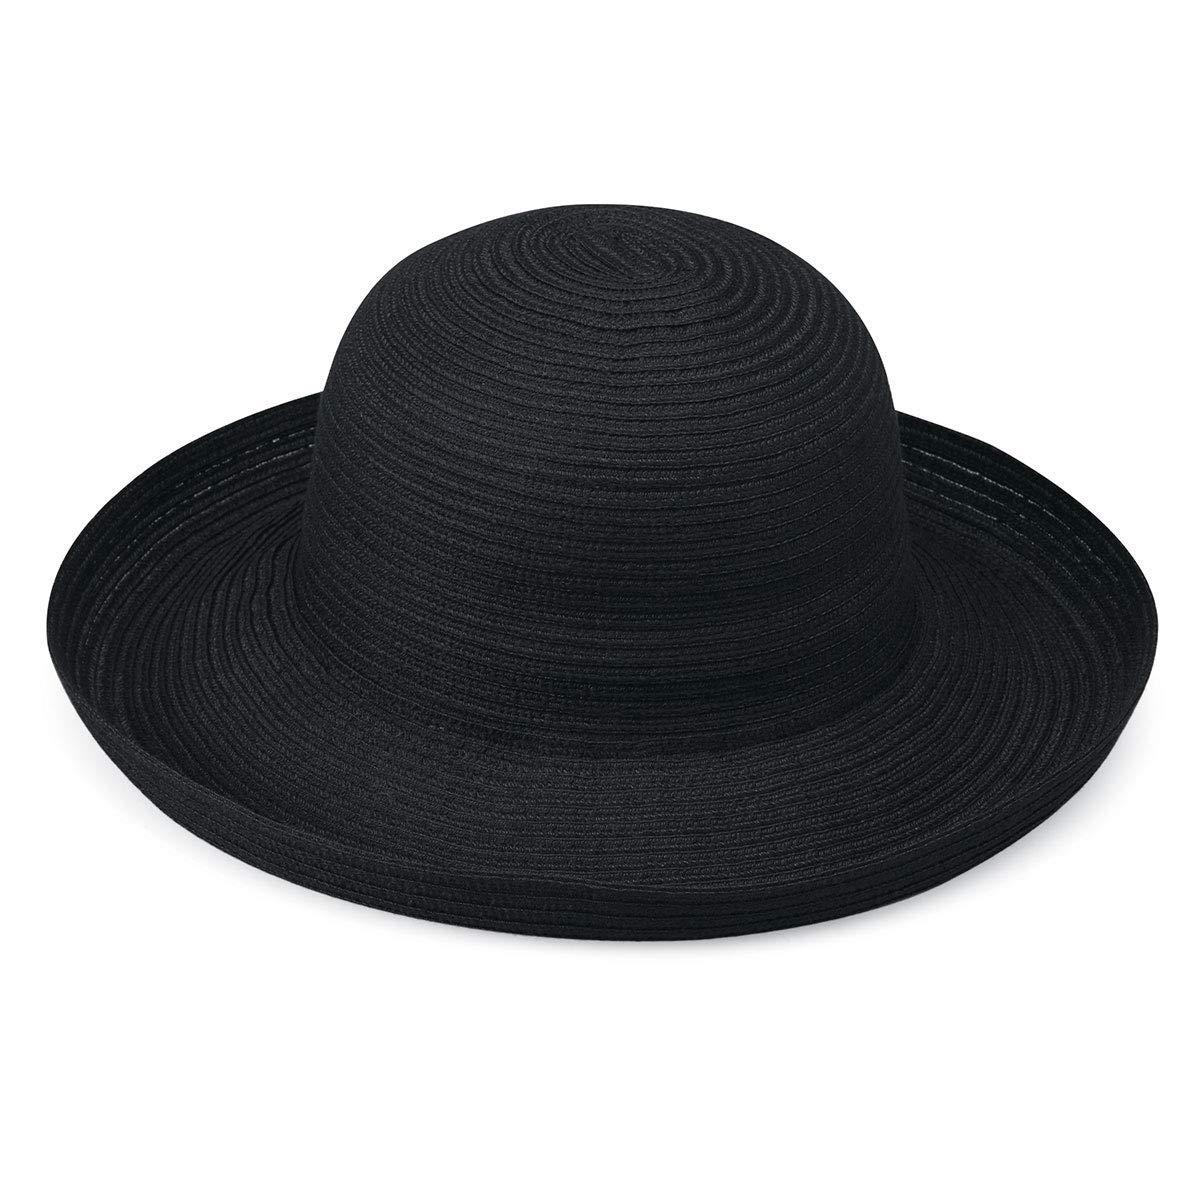 49652ae29b31e7 Wallaroo Hat Company Women's Sydney Sun Hat – Lightweight, Packable, Modern  Style, Designed in Australia